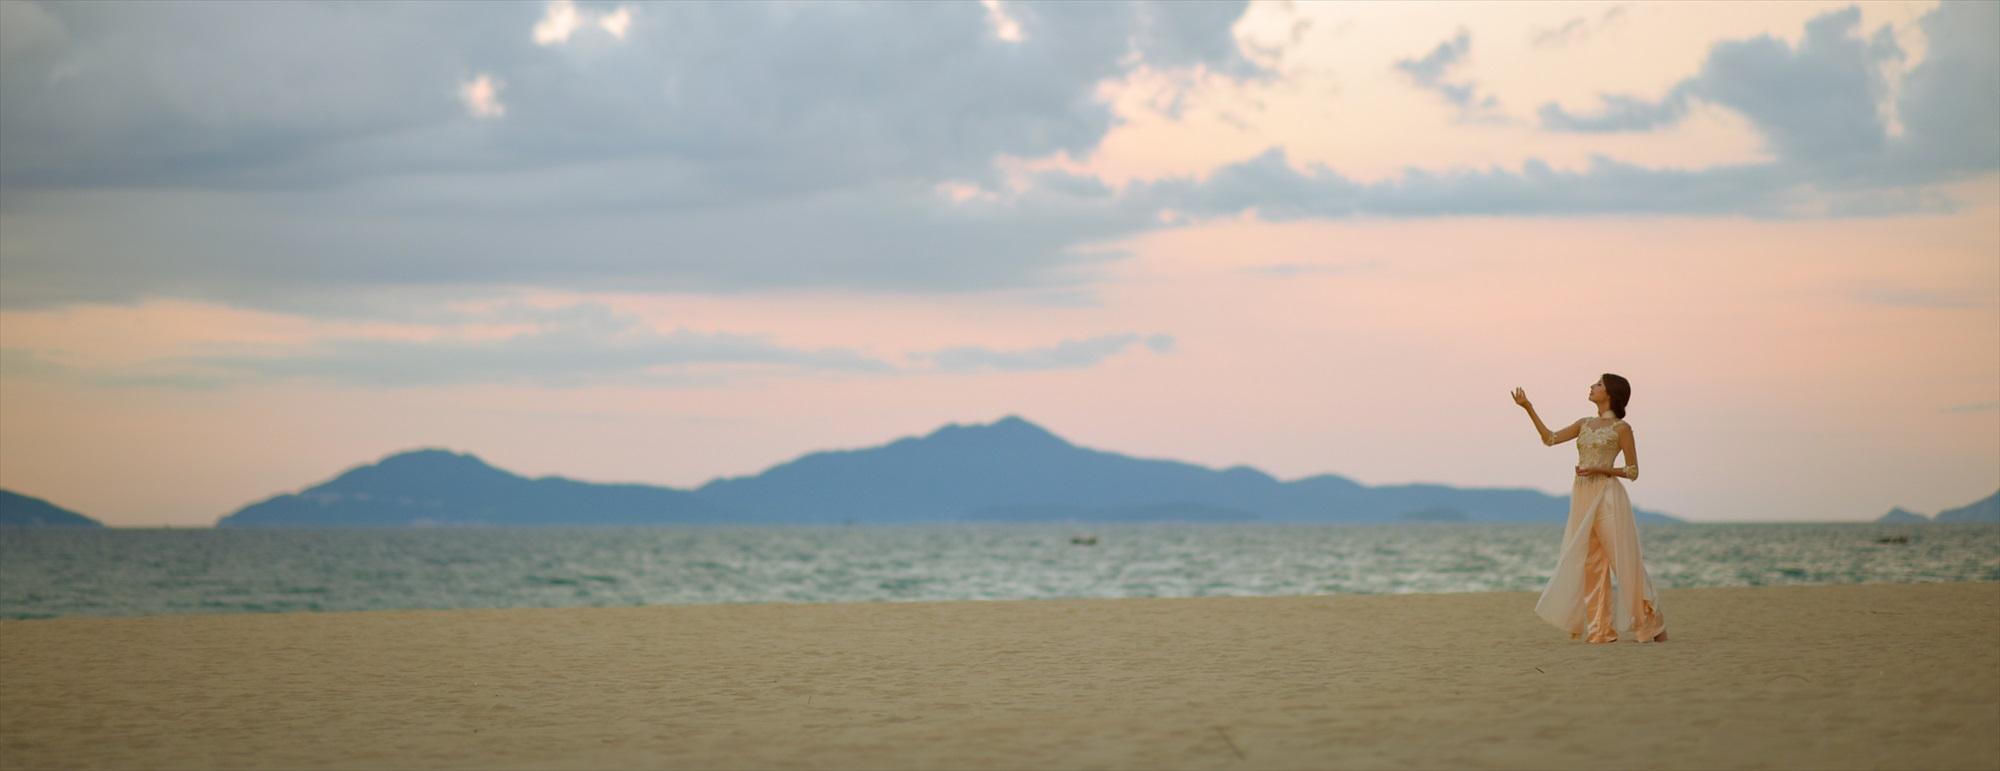 ベトナム・ホイアン・ビーチウェディング<br /> Four Seasons Resort The Nam Hai Hoi An<br /> フォーシーズンズ・リゾート・ザ・ナム・ハイ・ホイアン